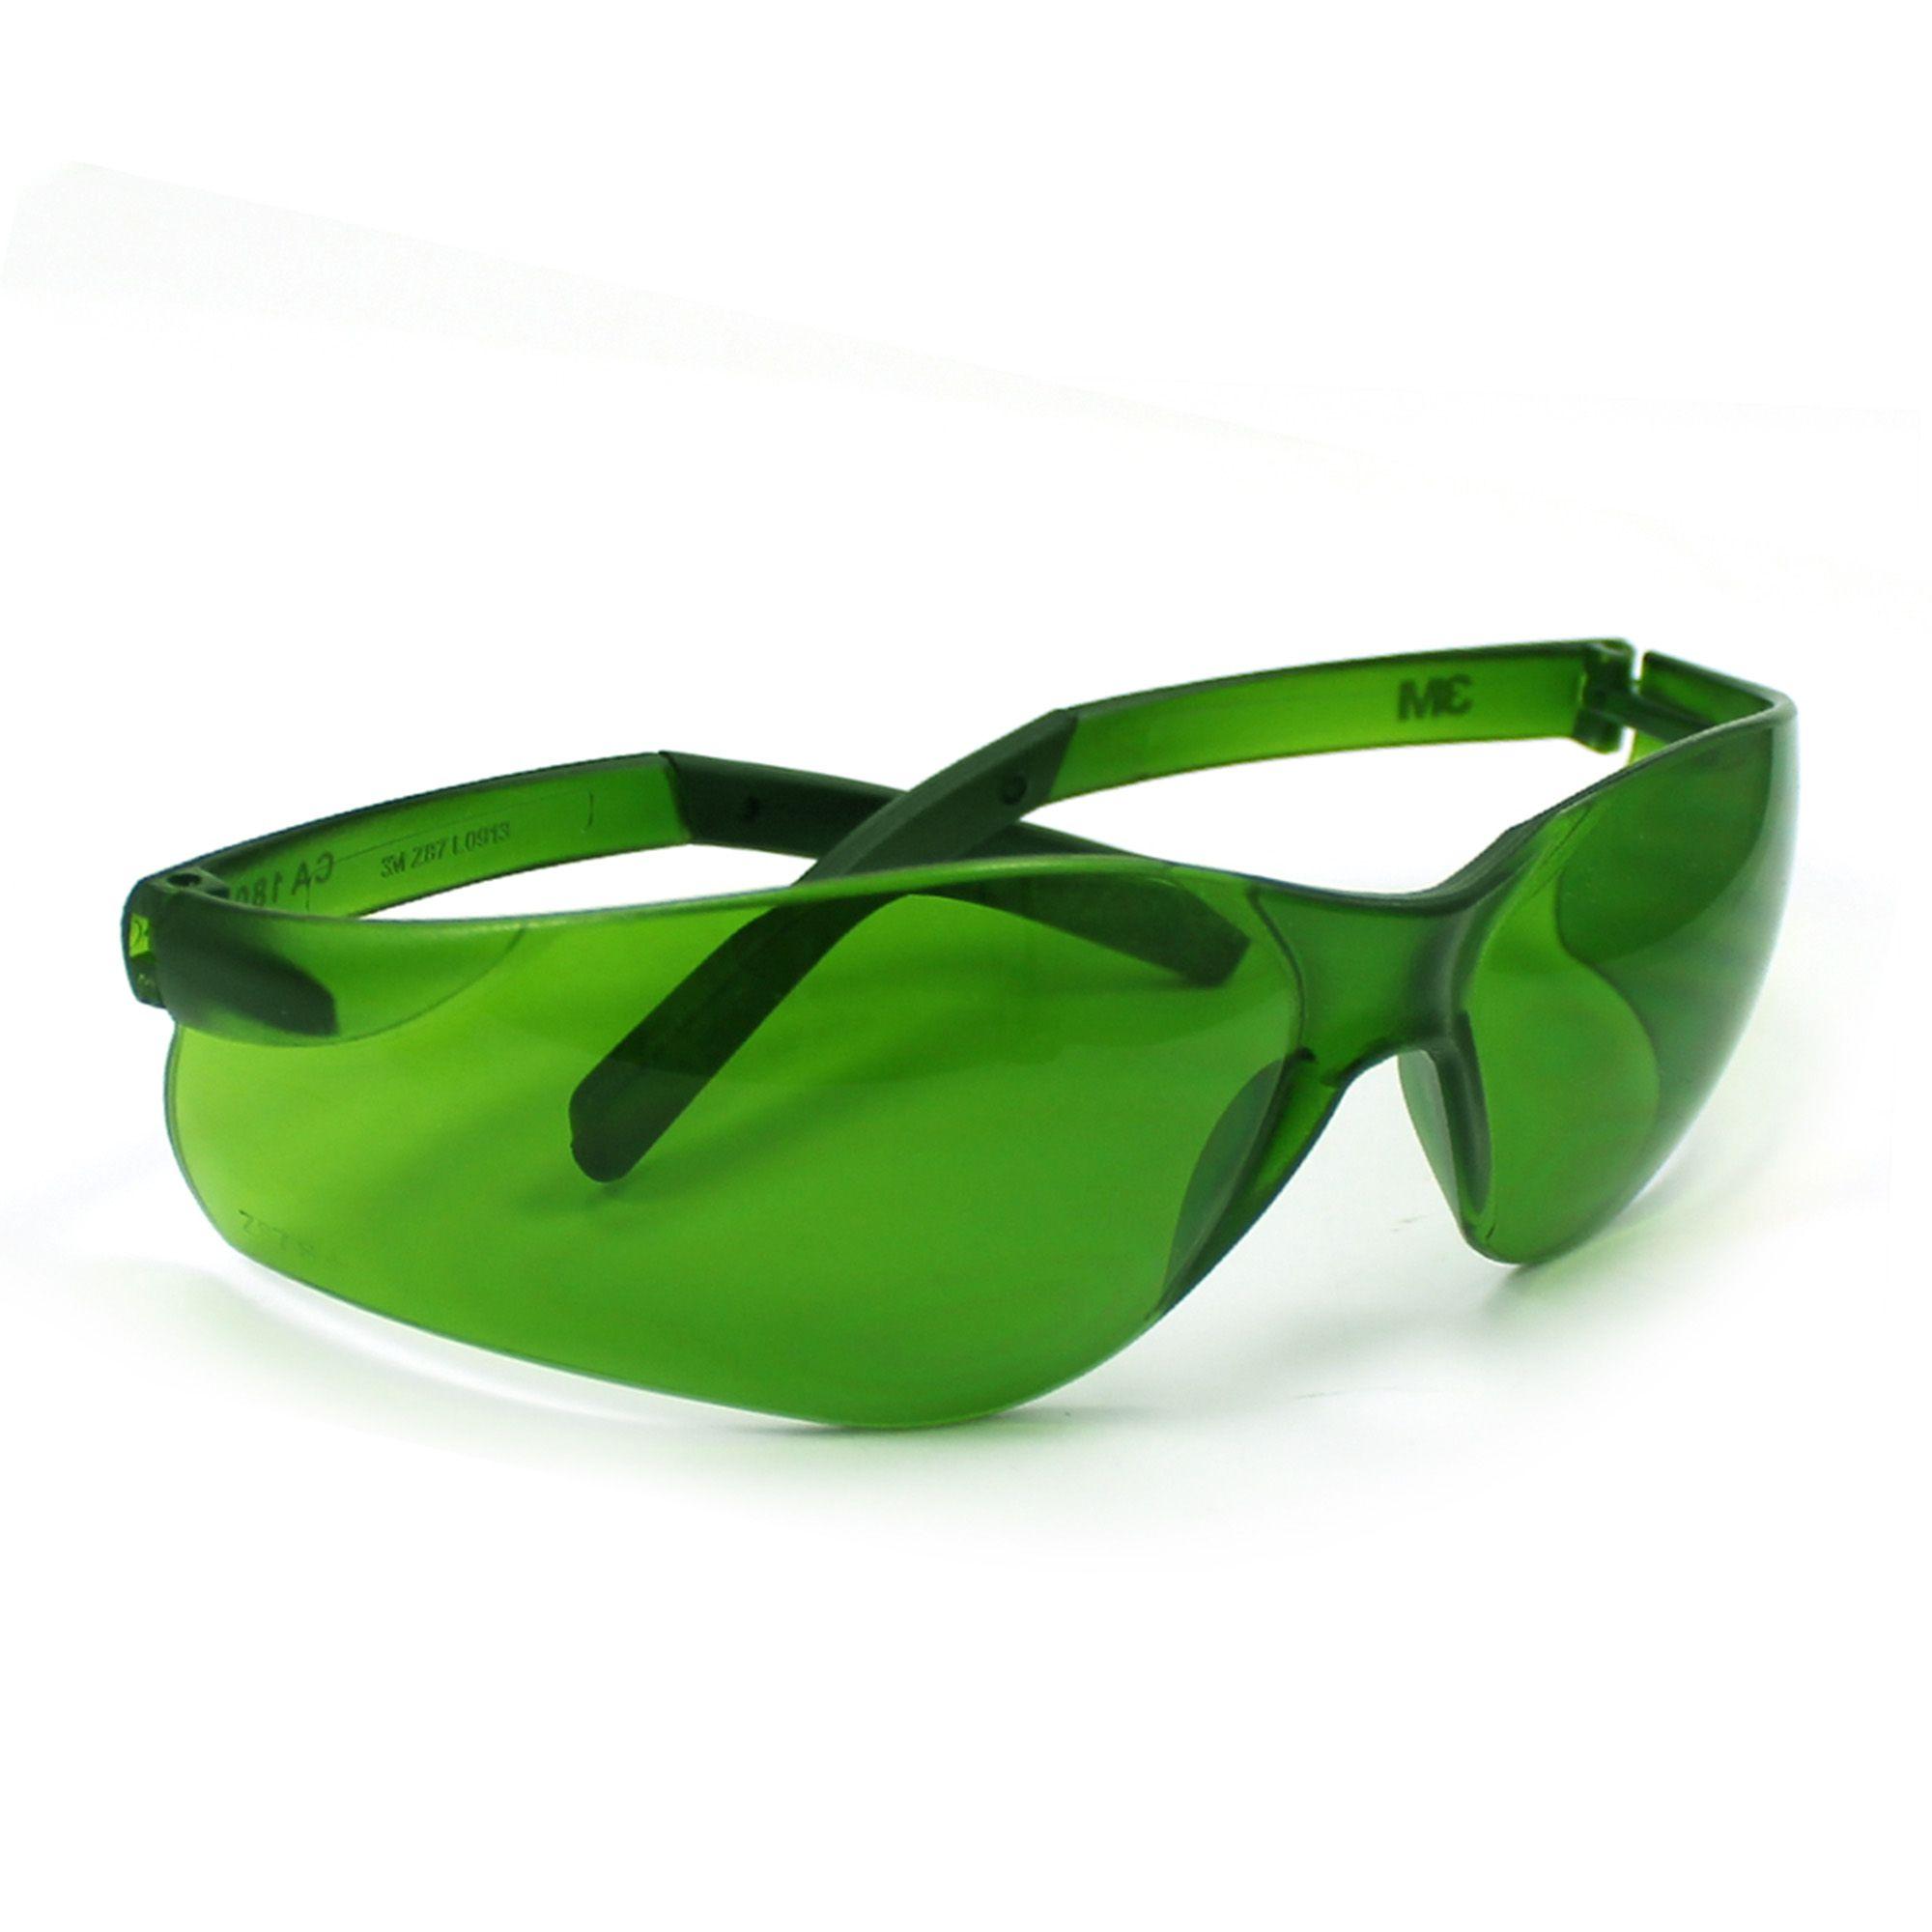 Óculos de Segurança Verde  Antirrisco Vision 8000 - 3M